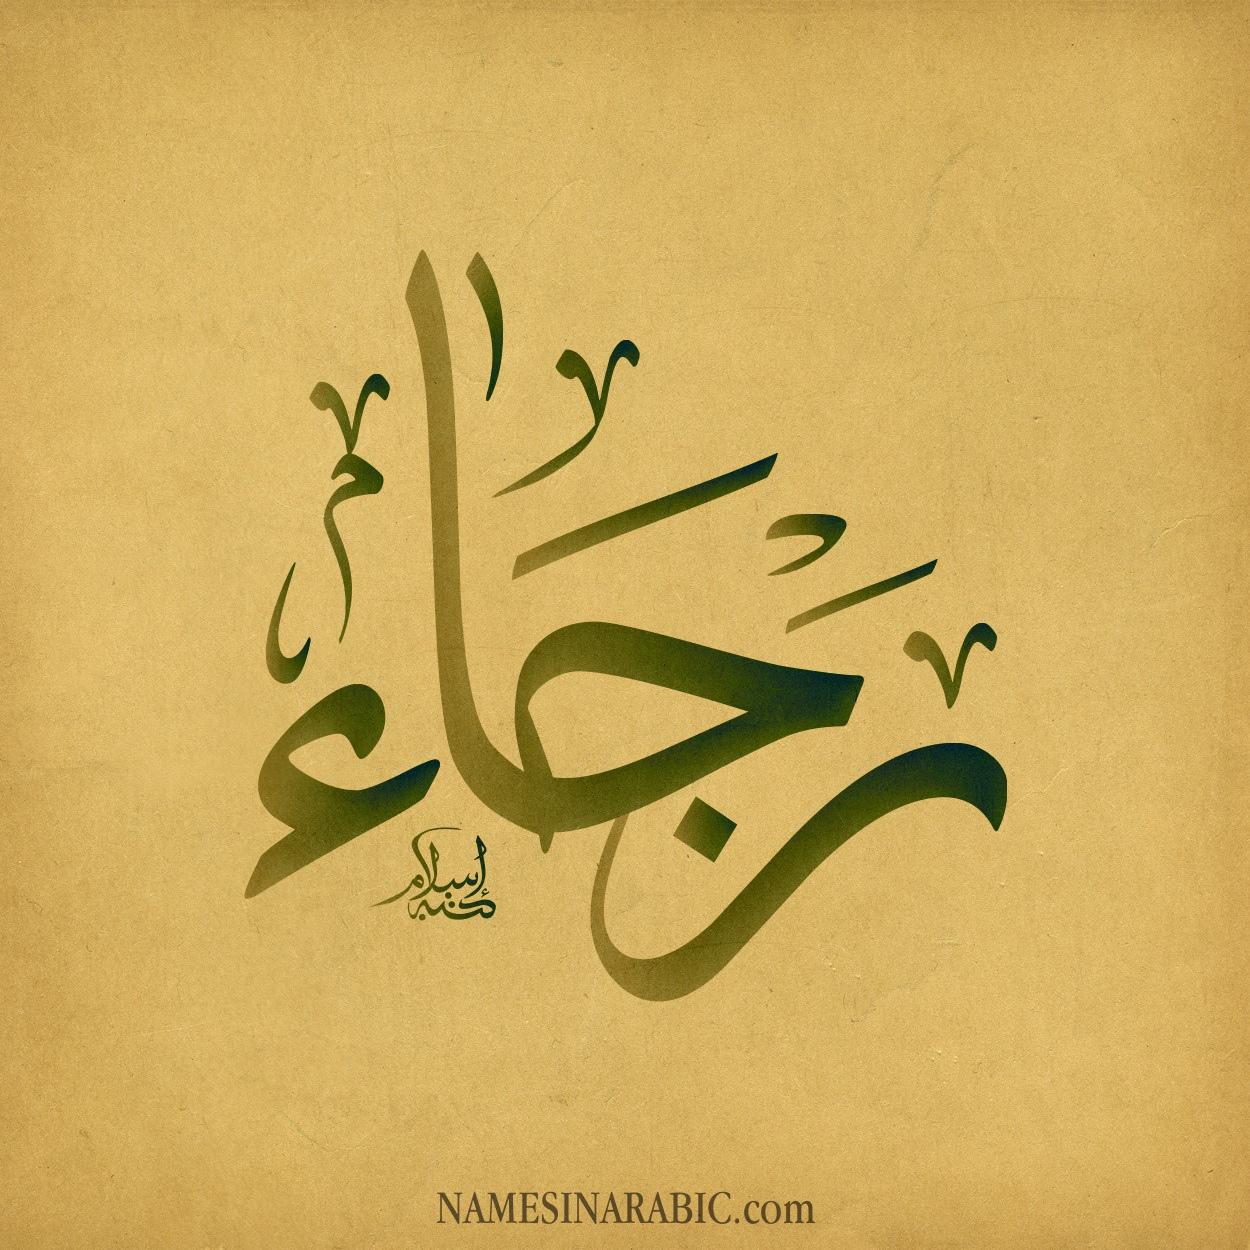 صورة اسم رَجاء RAGAA اسم رَجاء بالخط العربي من موقع الأسماء بالخط العربي بريشة الفنان إسلام ابن الفضل